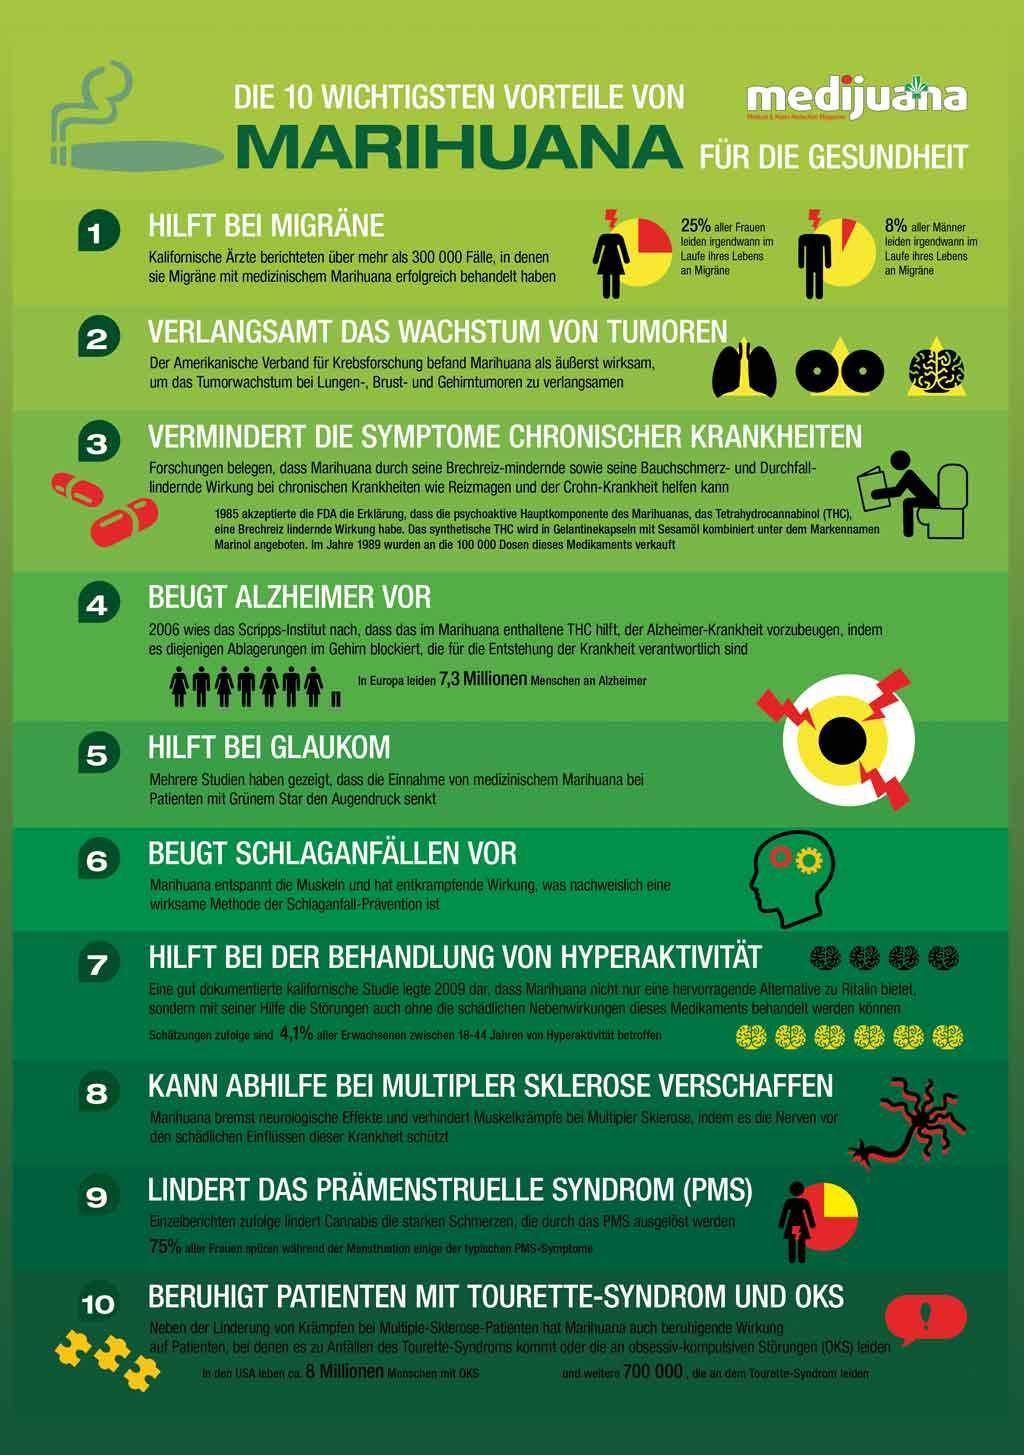 Infografik: Die 10 wichtigsten Vorteile von Cannabis für die Gesundheit